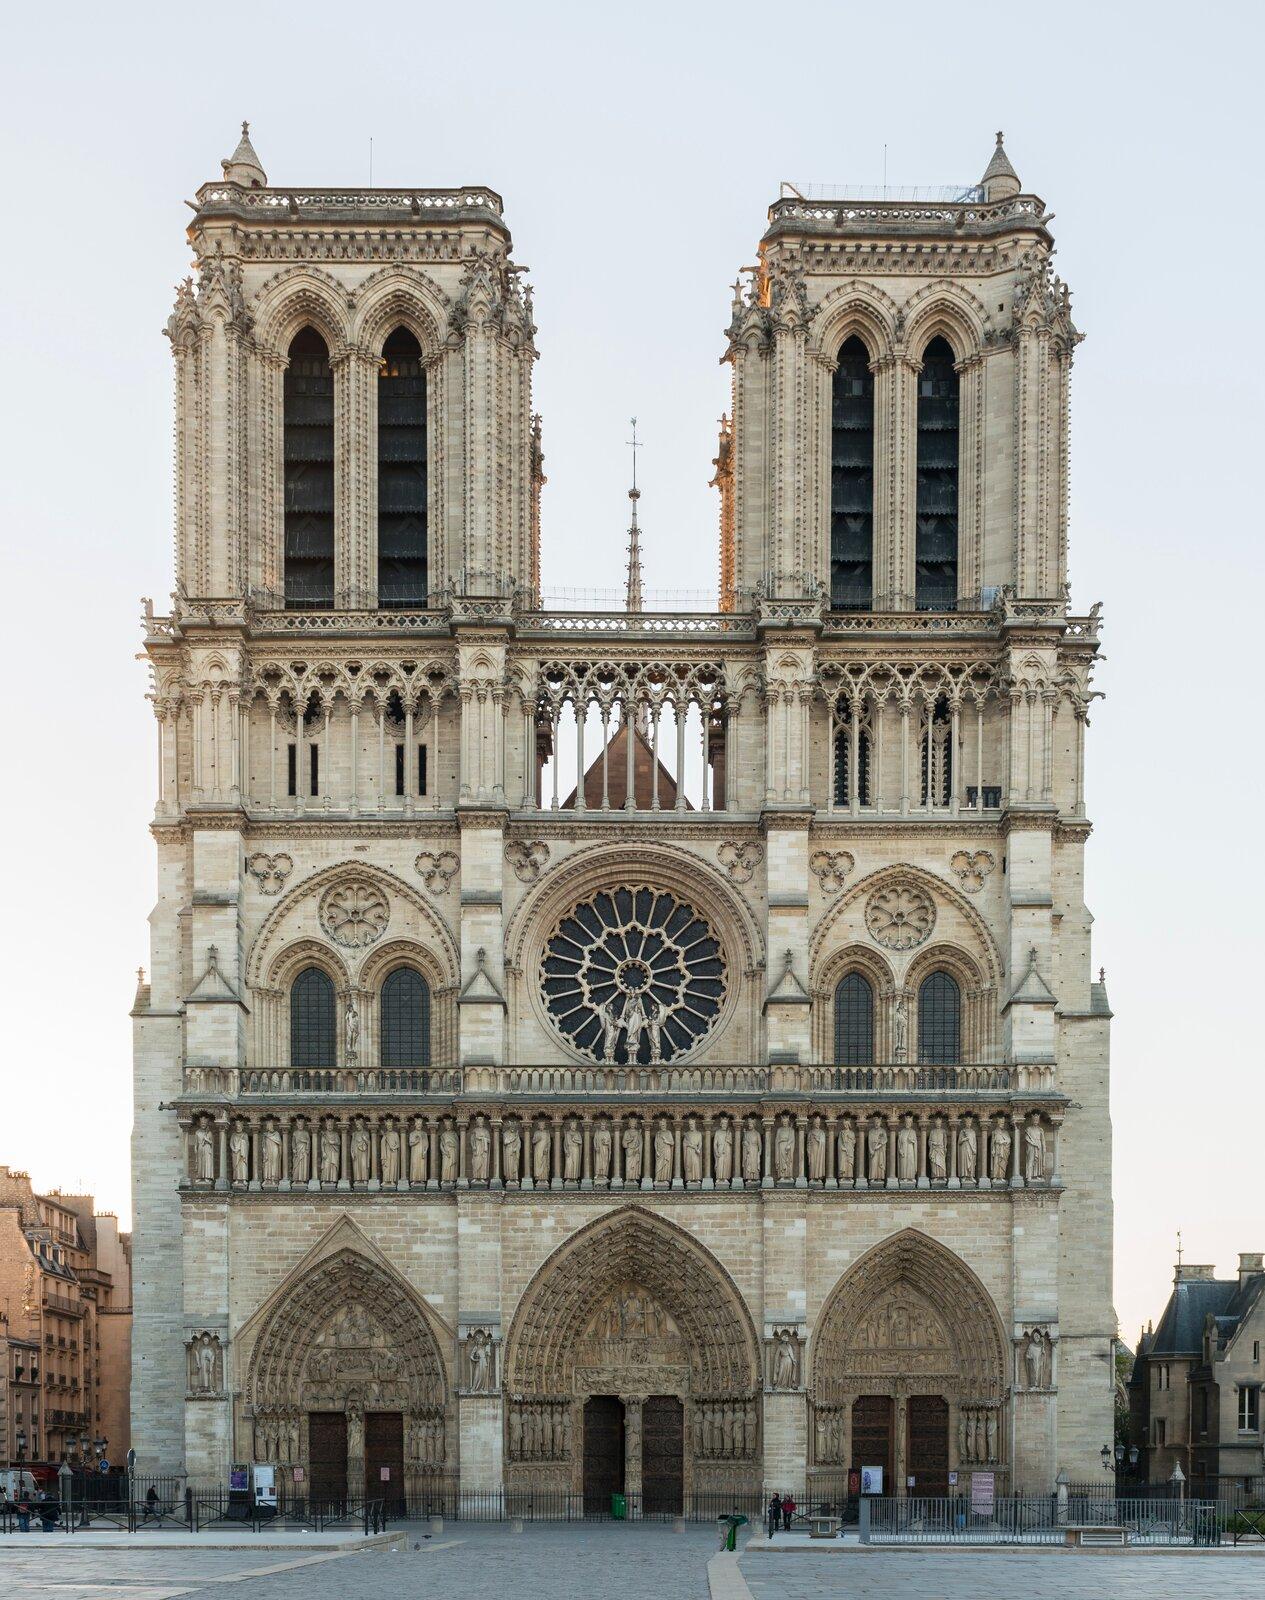 Ilustracja przedstawia Katedrę Notre-Dame wParyżu. Na zdjęciu jest frontowa część katedry ztrzema wejściami, którego obramowania stanowią dekoracyjne portale. Środkowa część to okrągła rozeta na środku idwa dwuczęściowe okna po bokach wformie biforium, również zdobione portalami. Od dolnej części oddzielą ją balustrada. Trzecia cześć katedry zakończona jest dwiema wieżami zdużymi wąskimi otworami okiennymi - biforium. Wieże są kwadratowe, zakończone balustradą. Na ich szczycie widać jeszcze dwie małe okrągłe wieżyczki zakończone daszkiem wkształcie stożka. Wtle między wieżami widać szpiczasty maszt ijasne błękitne niebo.